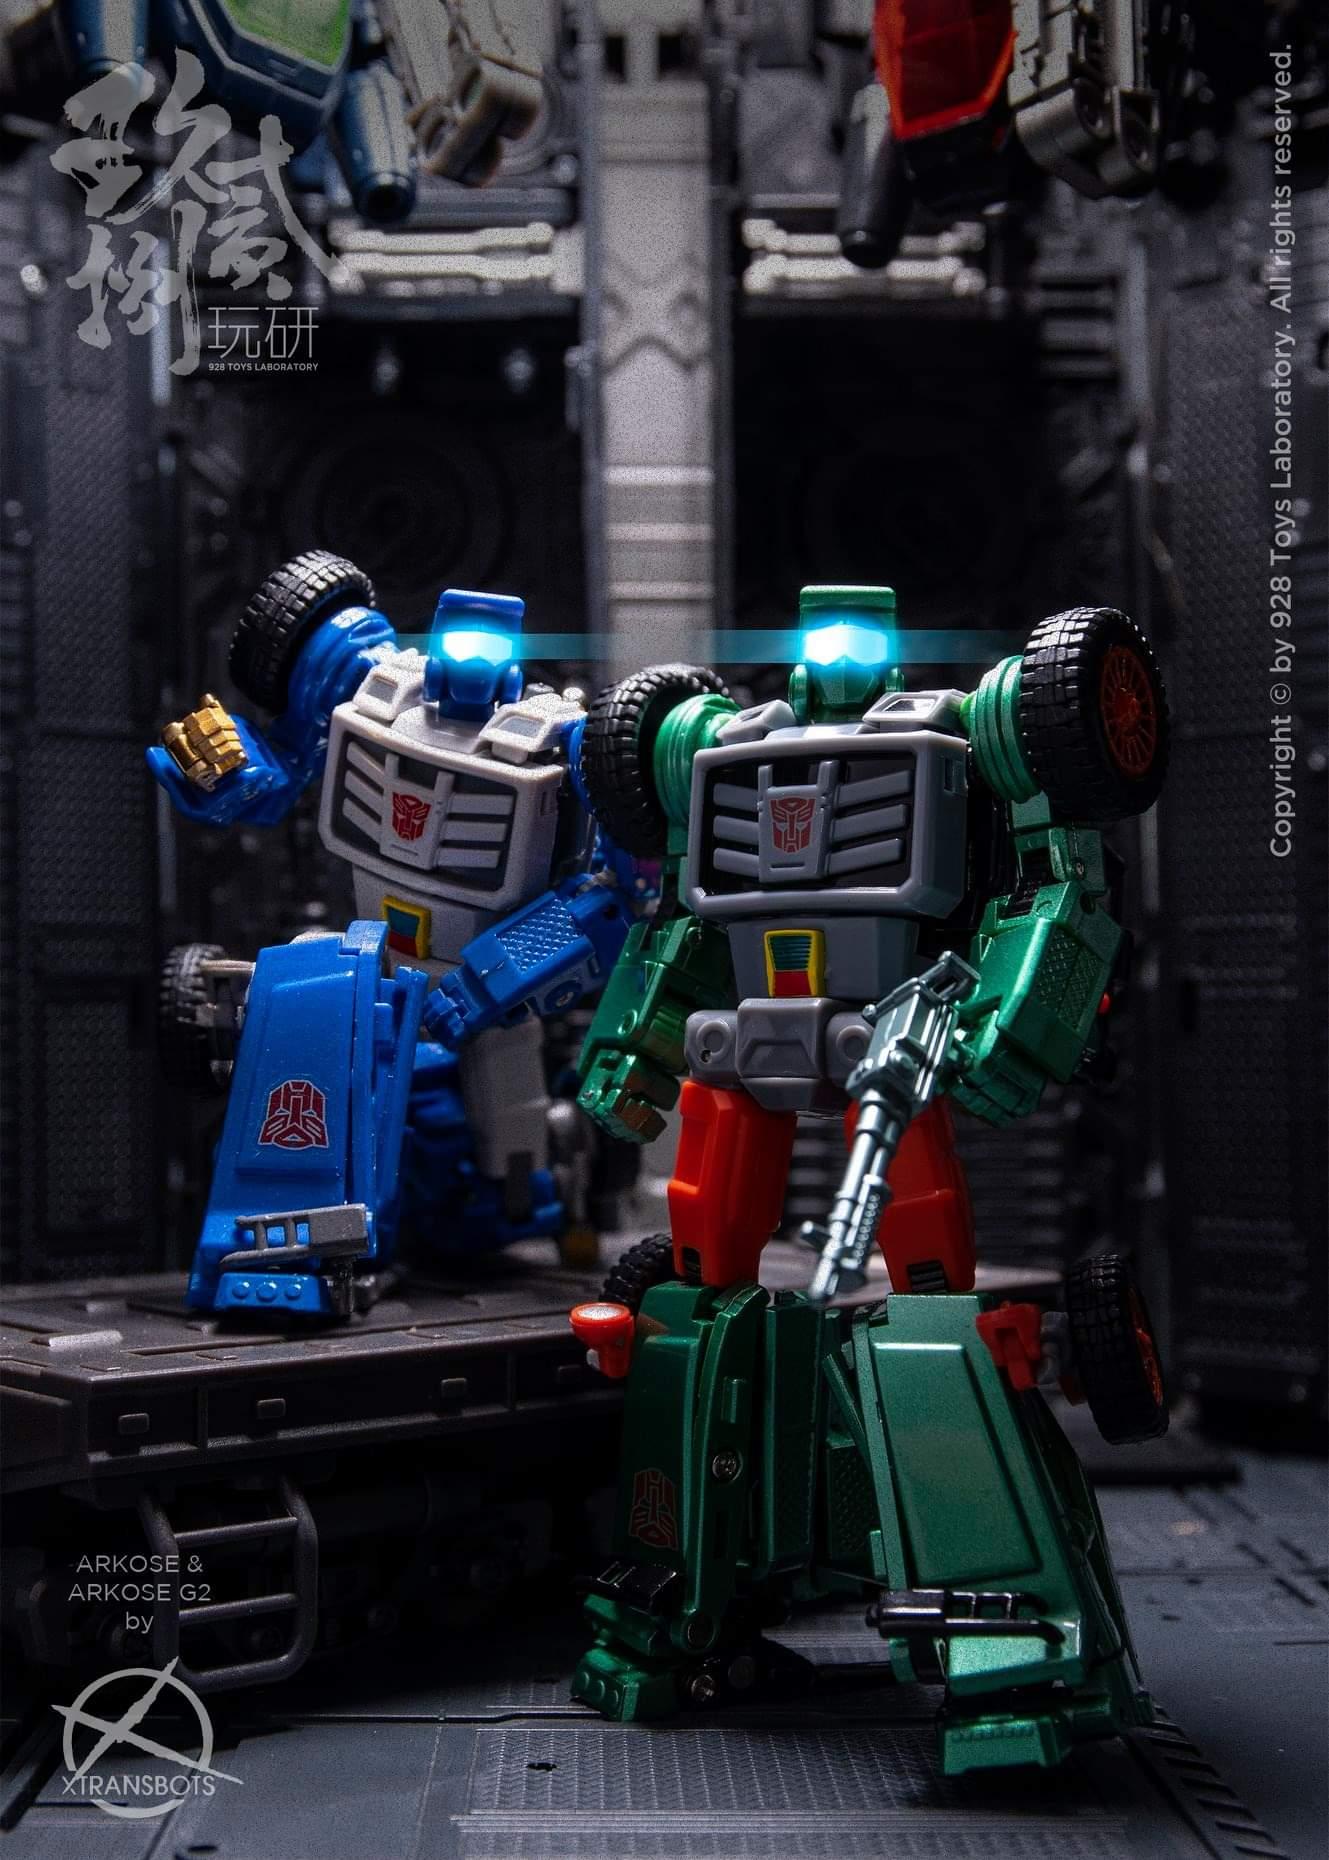 [X-Transbots] Produit Tiers - Minibots MP - Gamme MM - Page 13 F84u0jQa_o